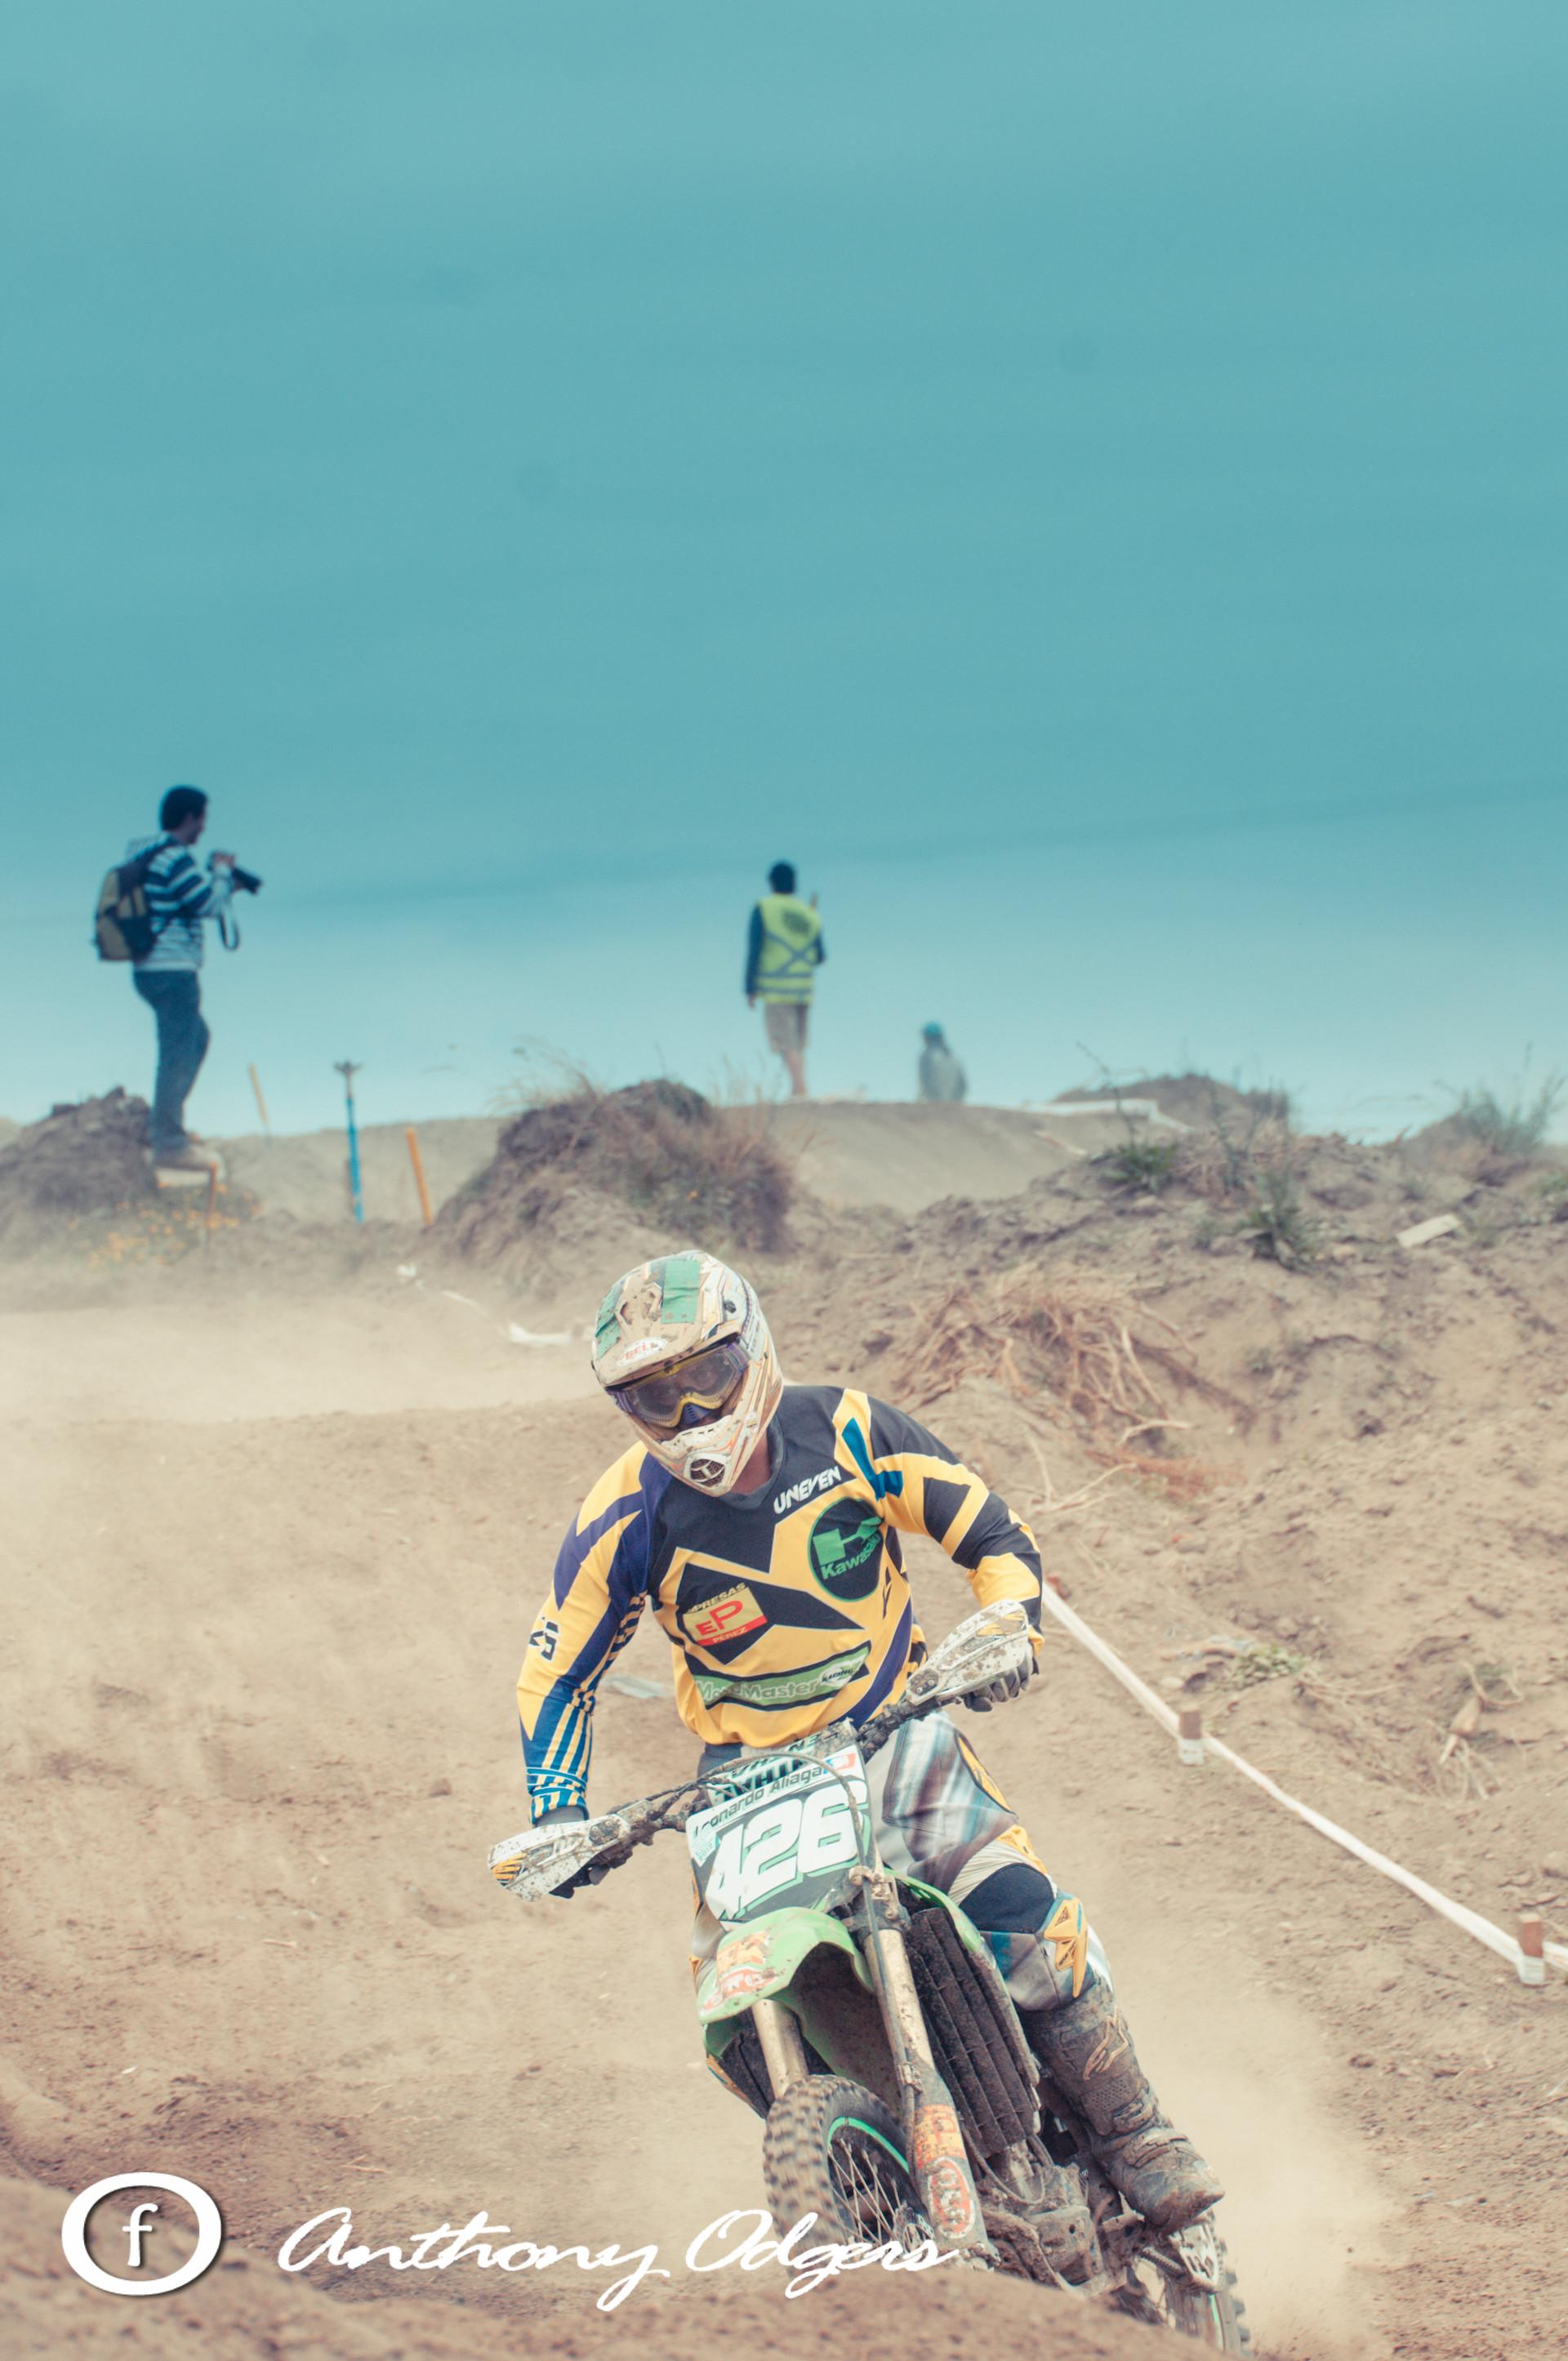 2013-01-06-Motocross Enduro-12.jpg